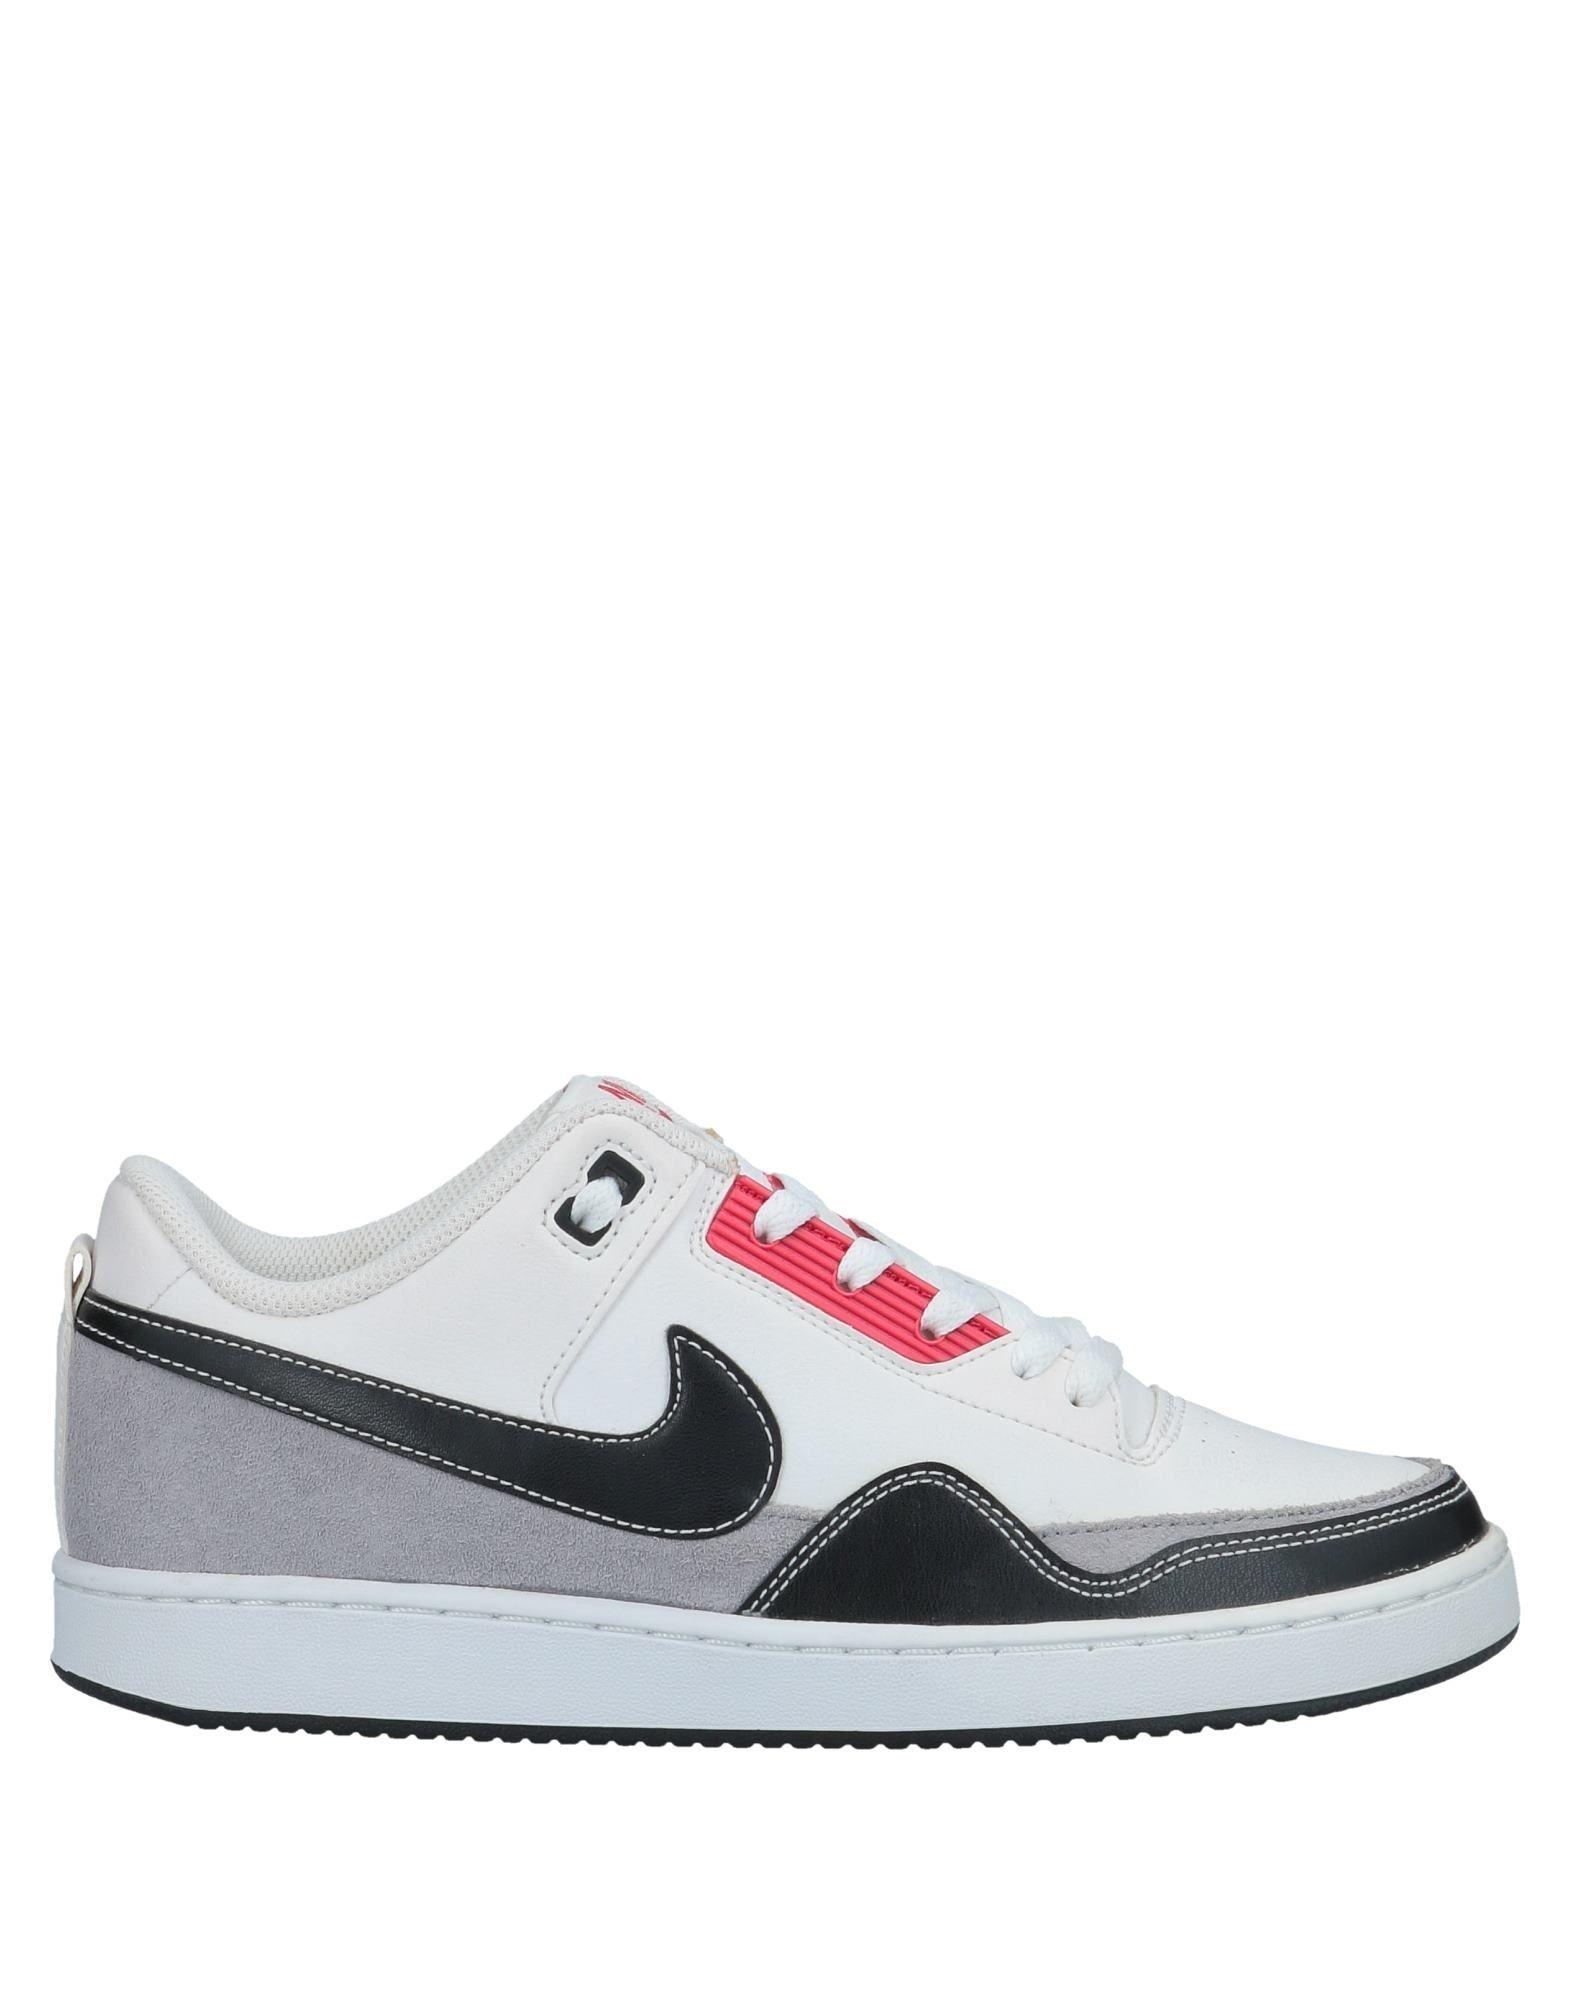 Rabatt echte Schuhe Nike Sneakers Herren  11549228XH